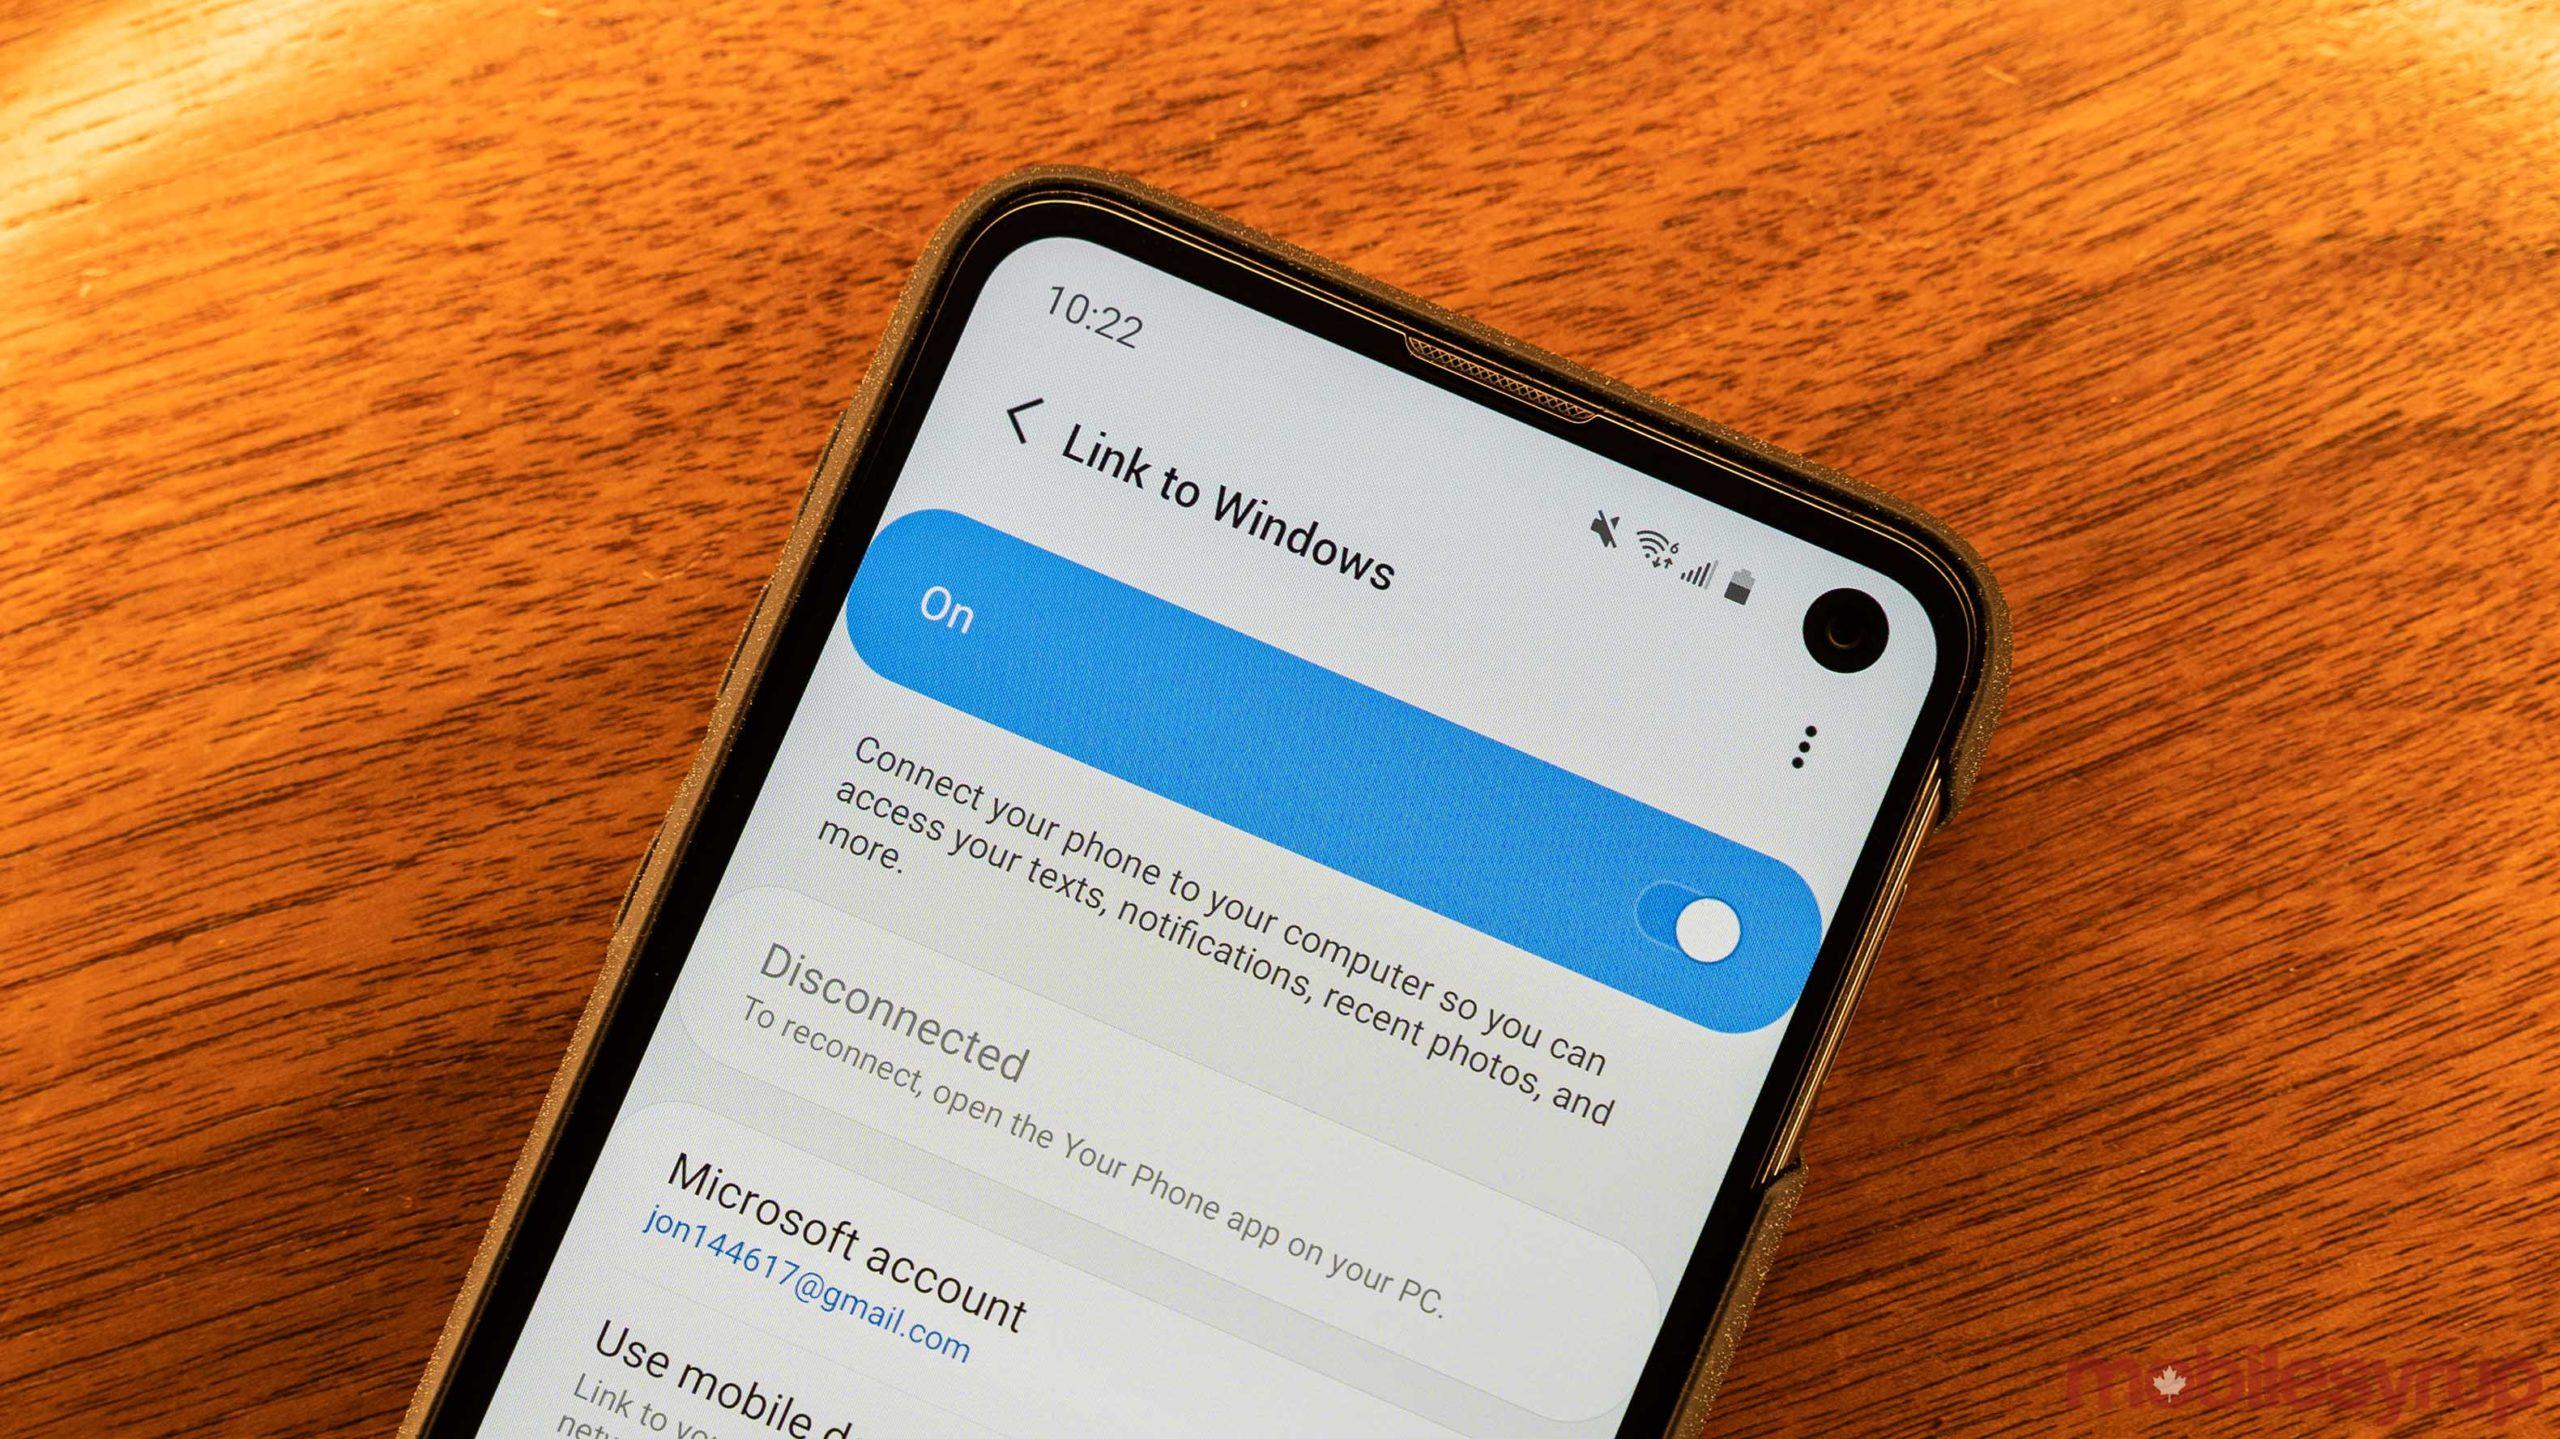 Samsung Your Phone menu in Settings